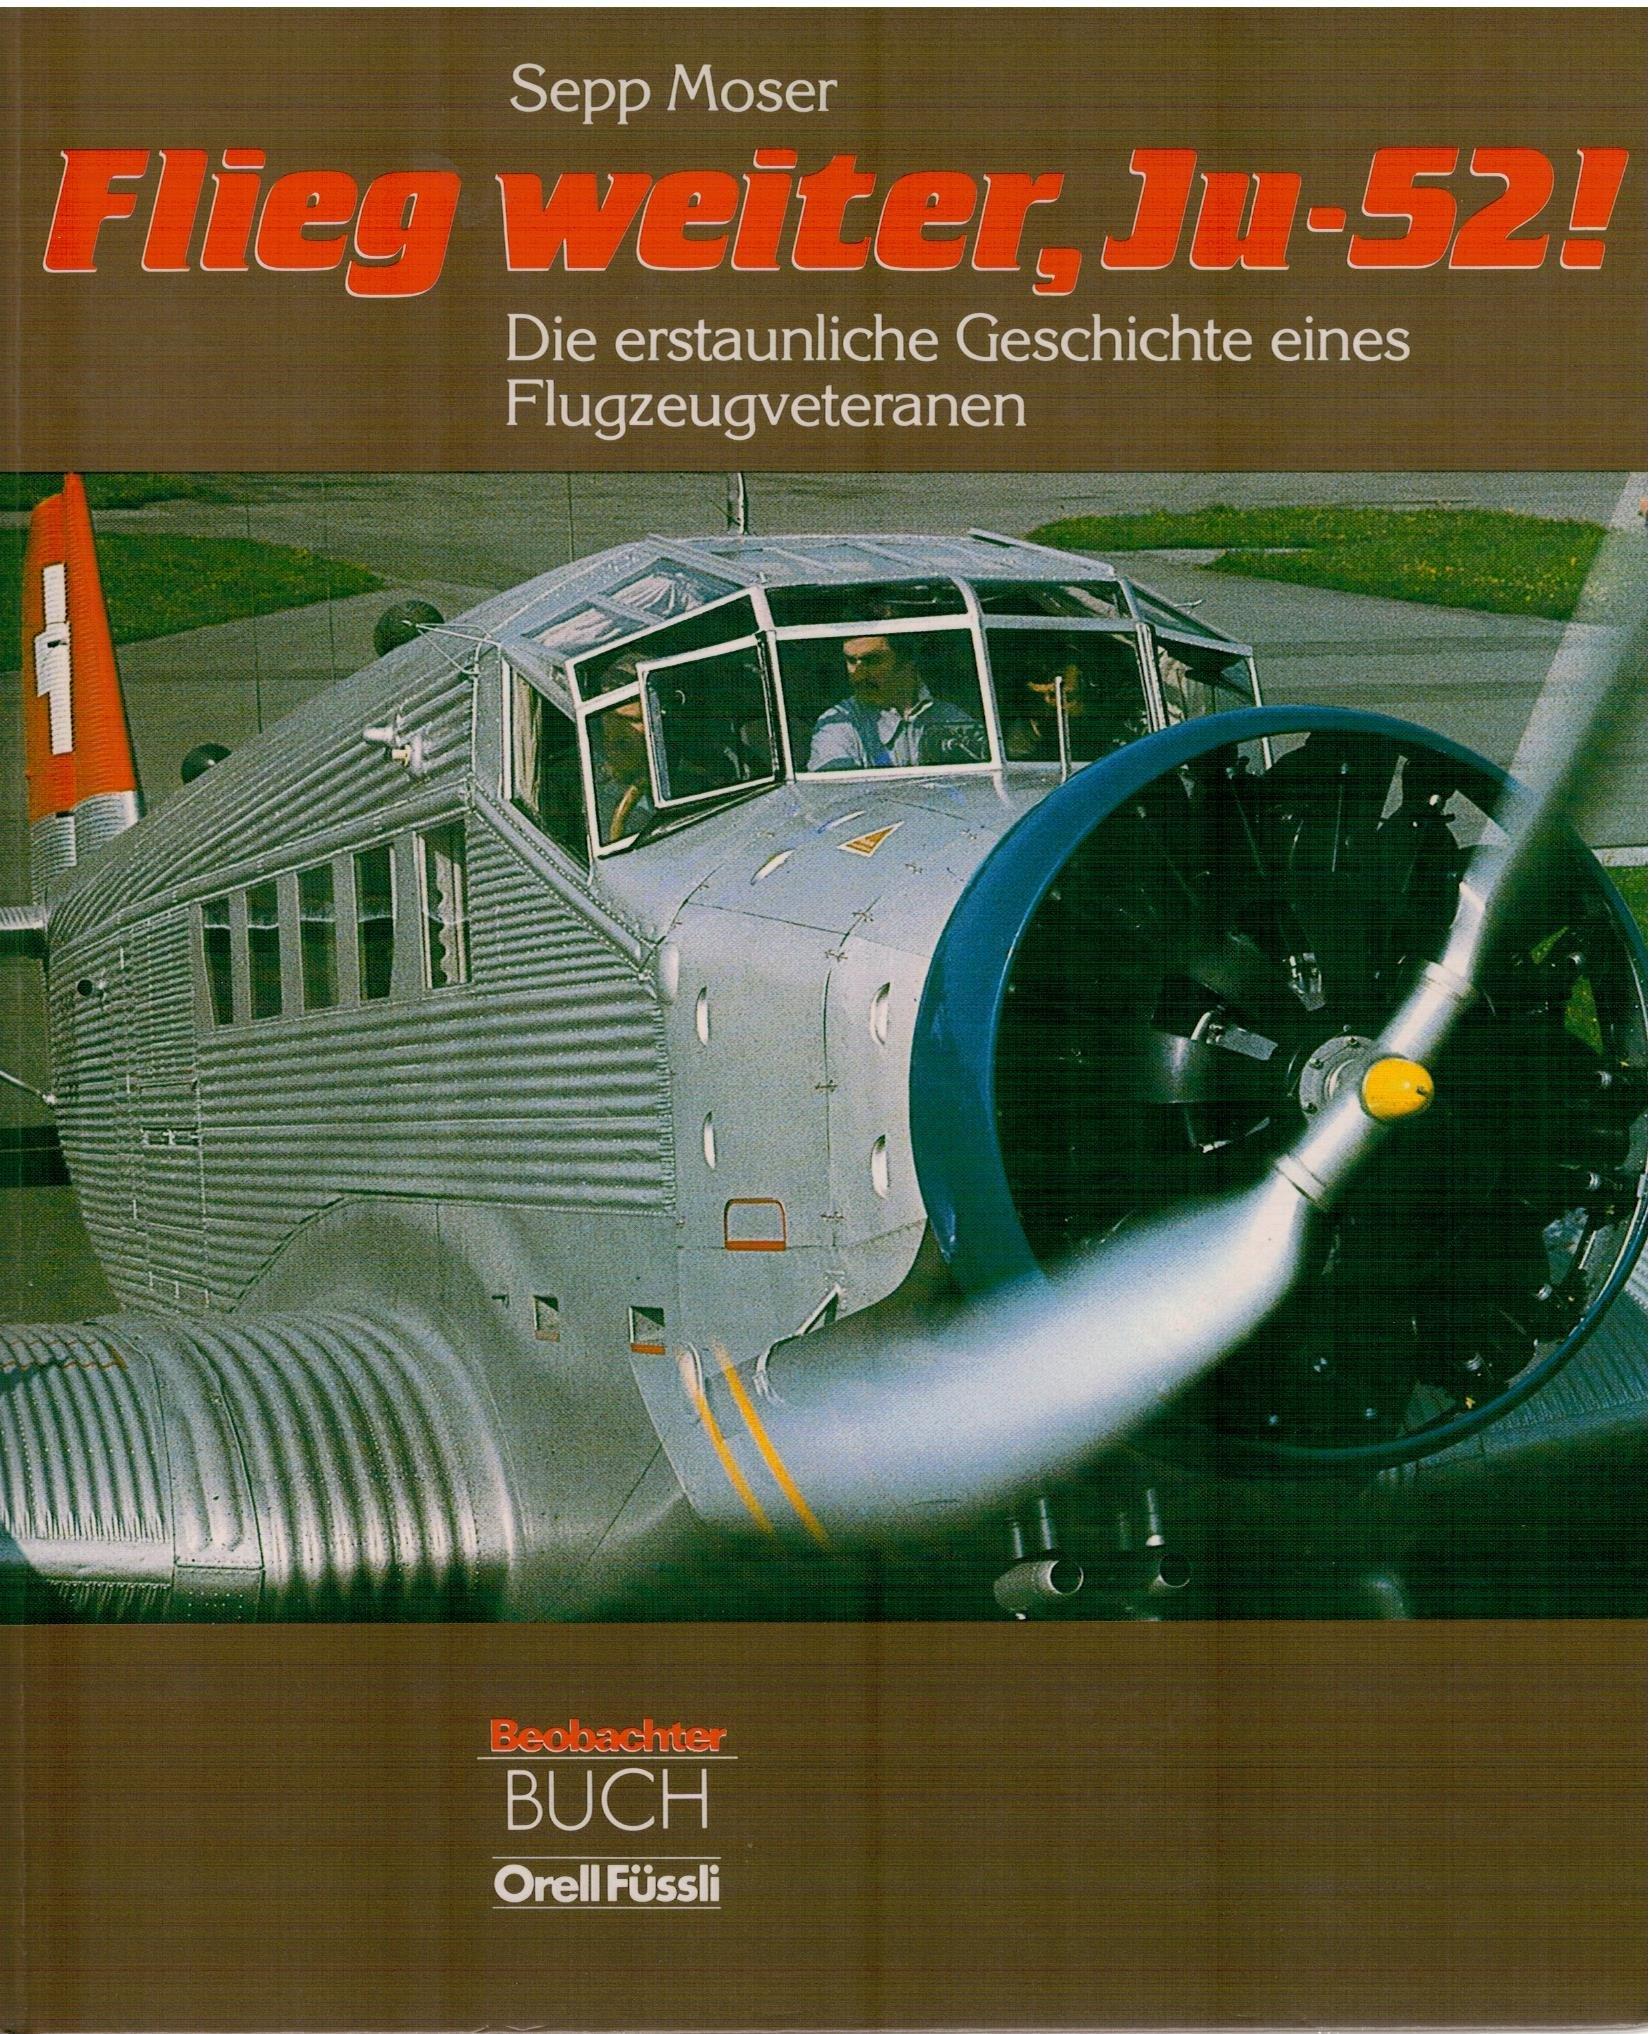 Flieg weiter, Ju-52. Die erstaunliche Geschichte eines Flugzeugveteranen